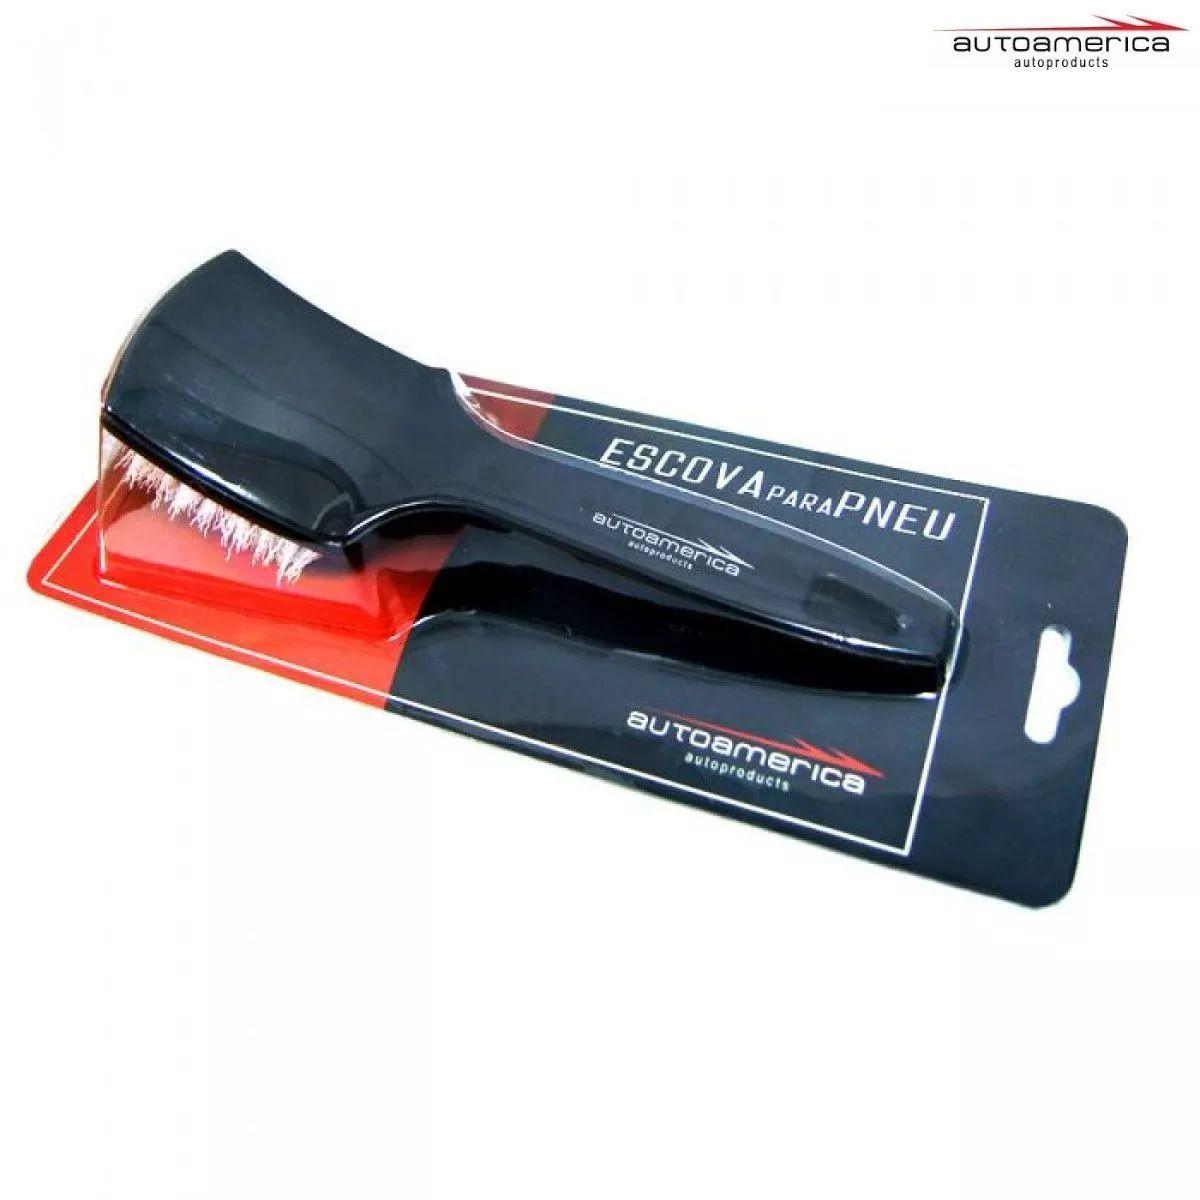 Escova para limpeza de pneus Autoamerica Tire Brush MS-wb09